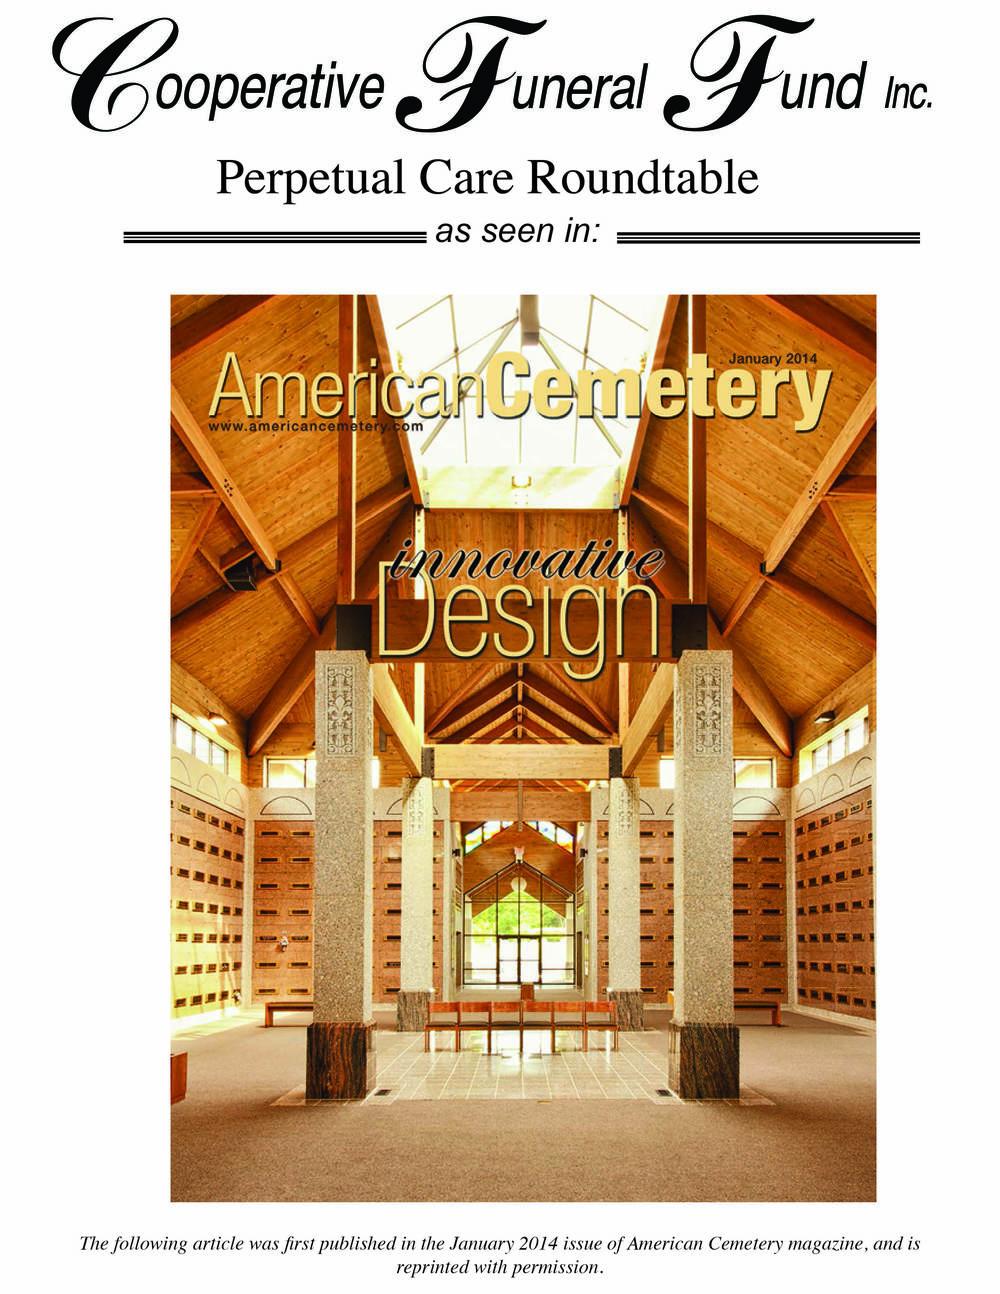 AmerCemTDMrndtbleperpcare201401.jpg